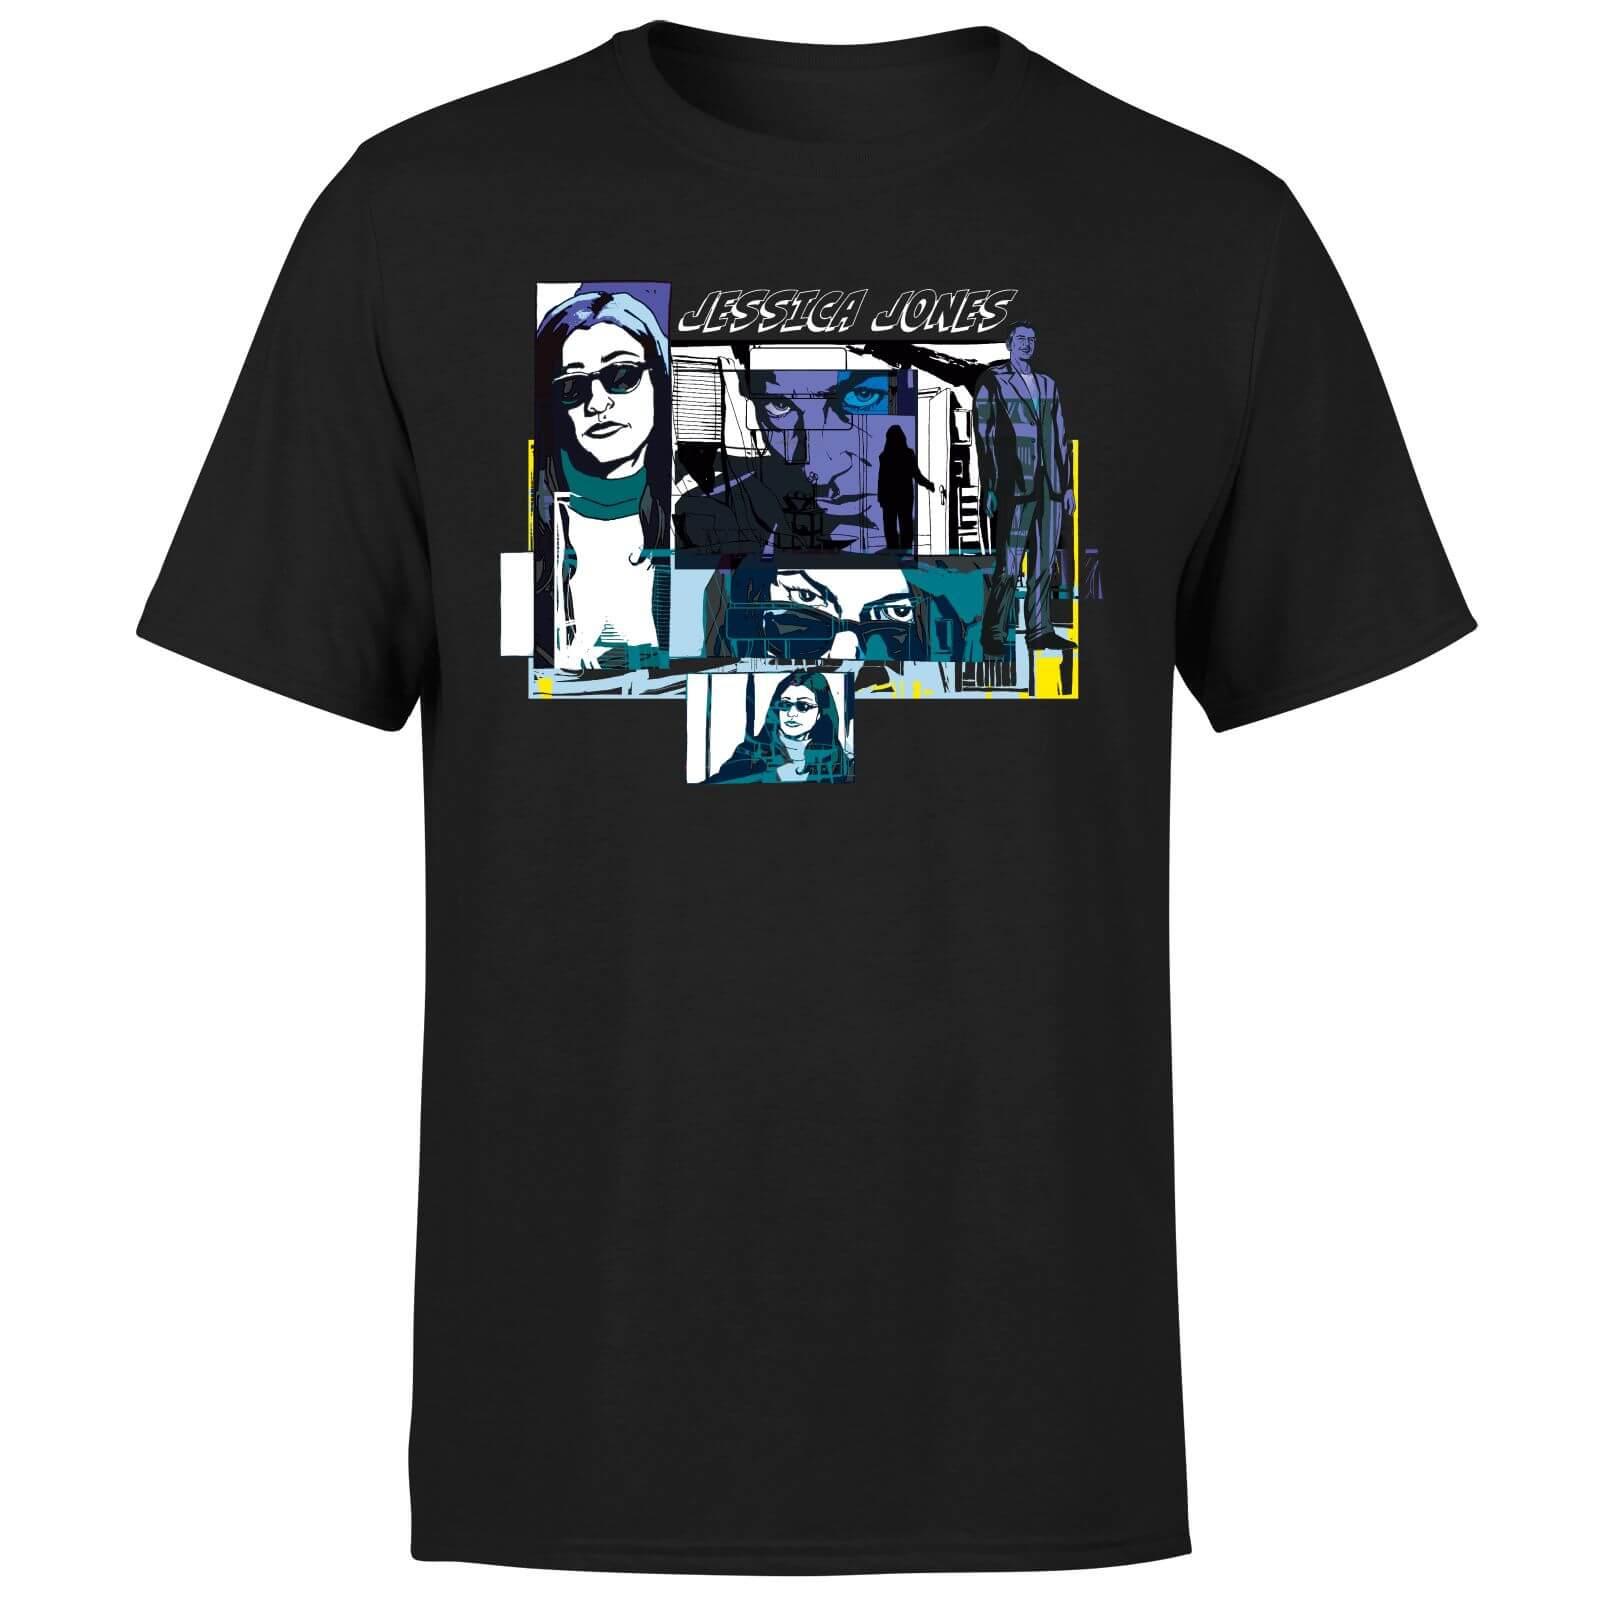 Jessica Jones T-Shirt (Schwarz & Weiß, Damen und Herren, XS bis 5XL, 100% Baumwolle)